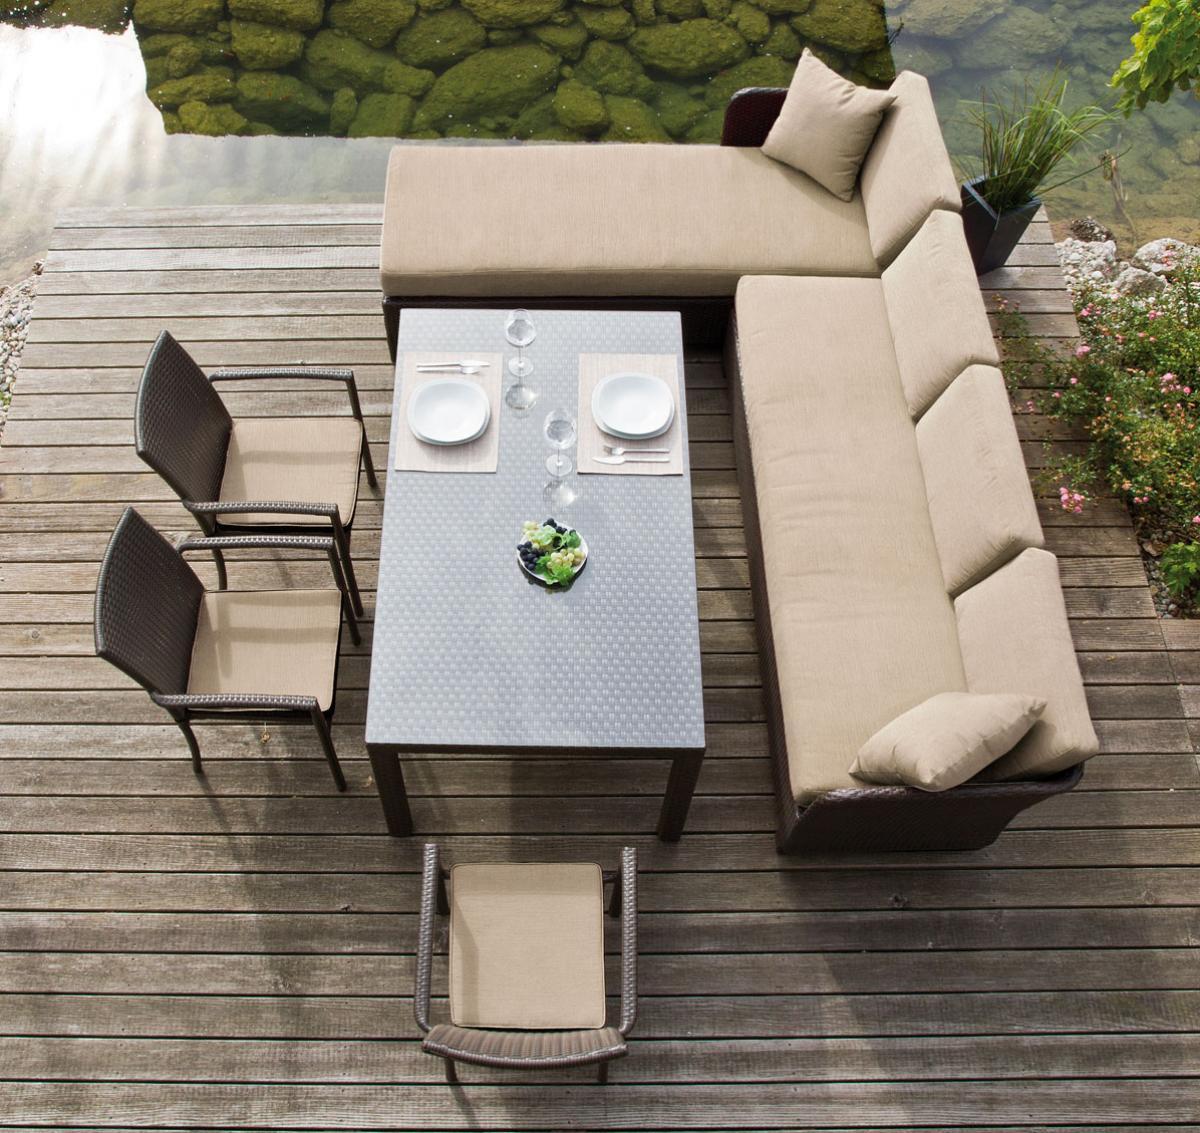 Preissturz Garten Sitzgruppe Mit Eckbank Lounge Esstisch